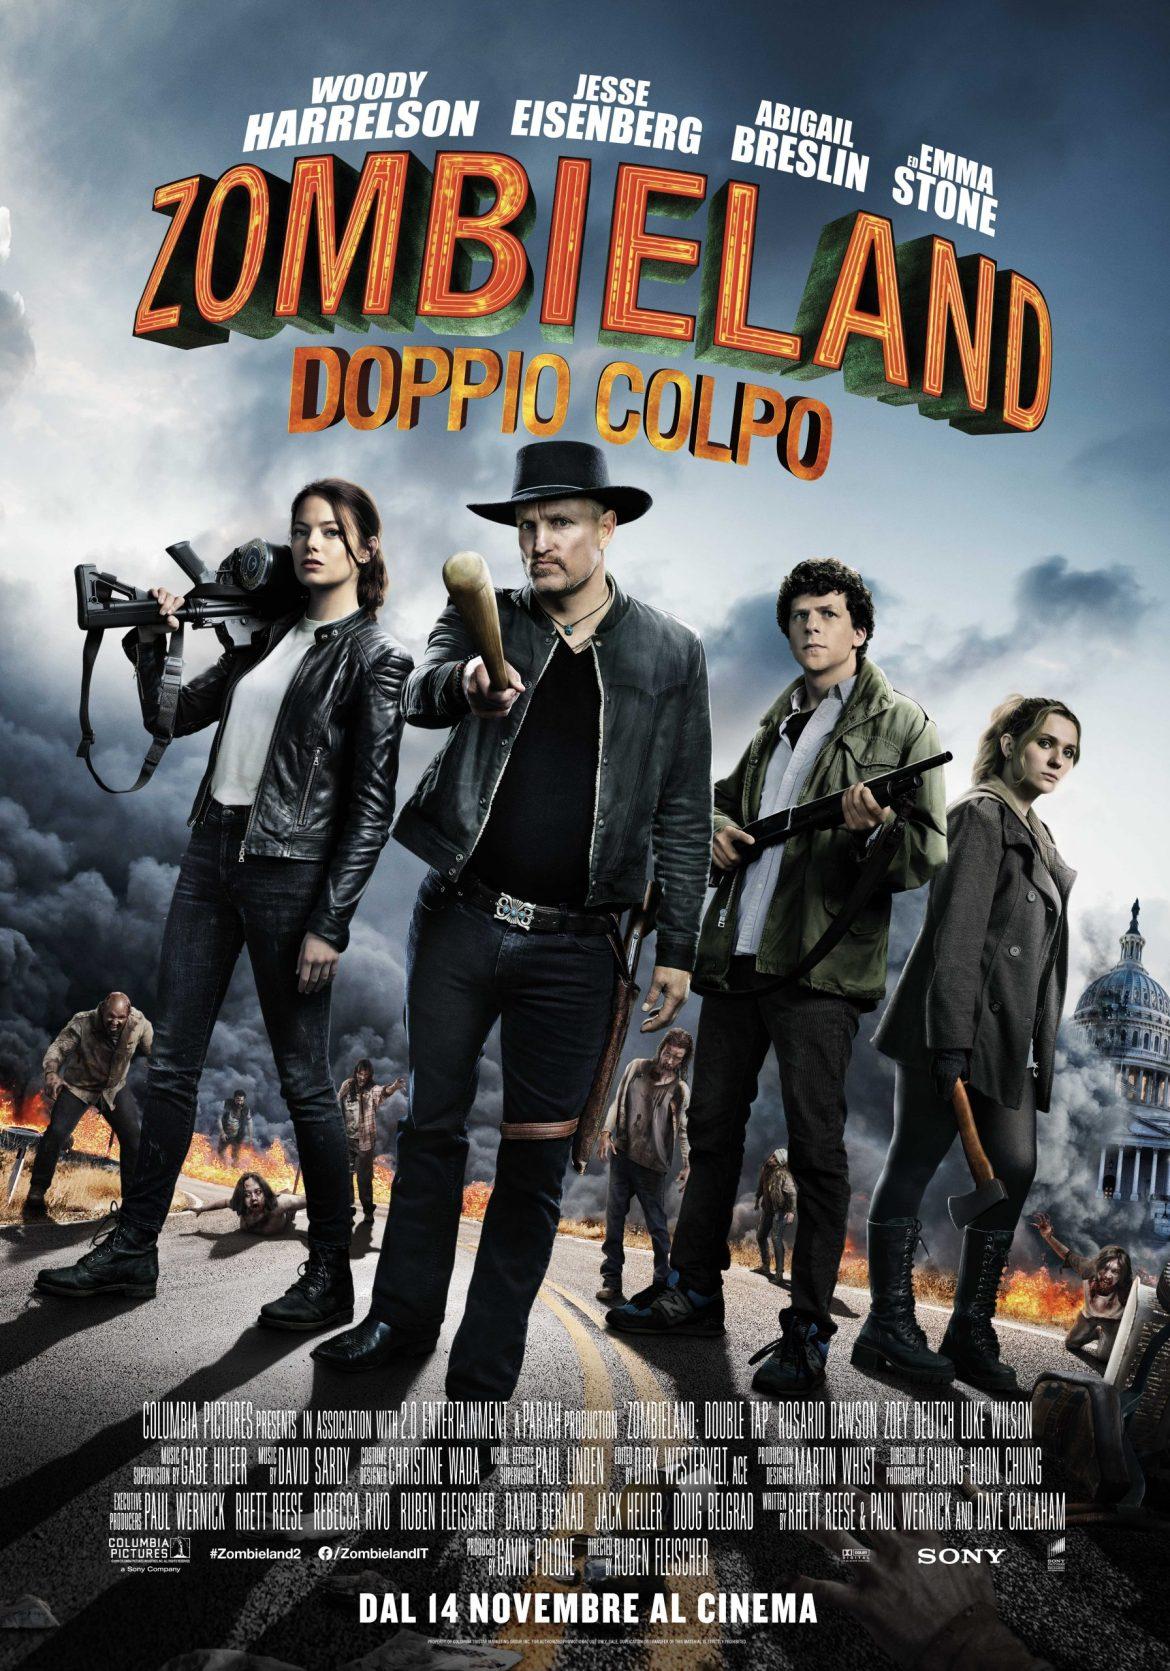 ZL2 onesheet FINAL DATA scaled - Zombieland: Doppio Colpo finalmente al cinema